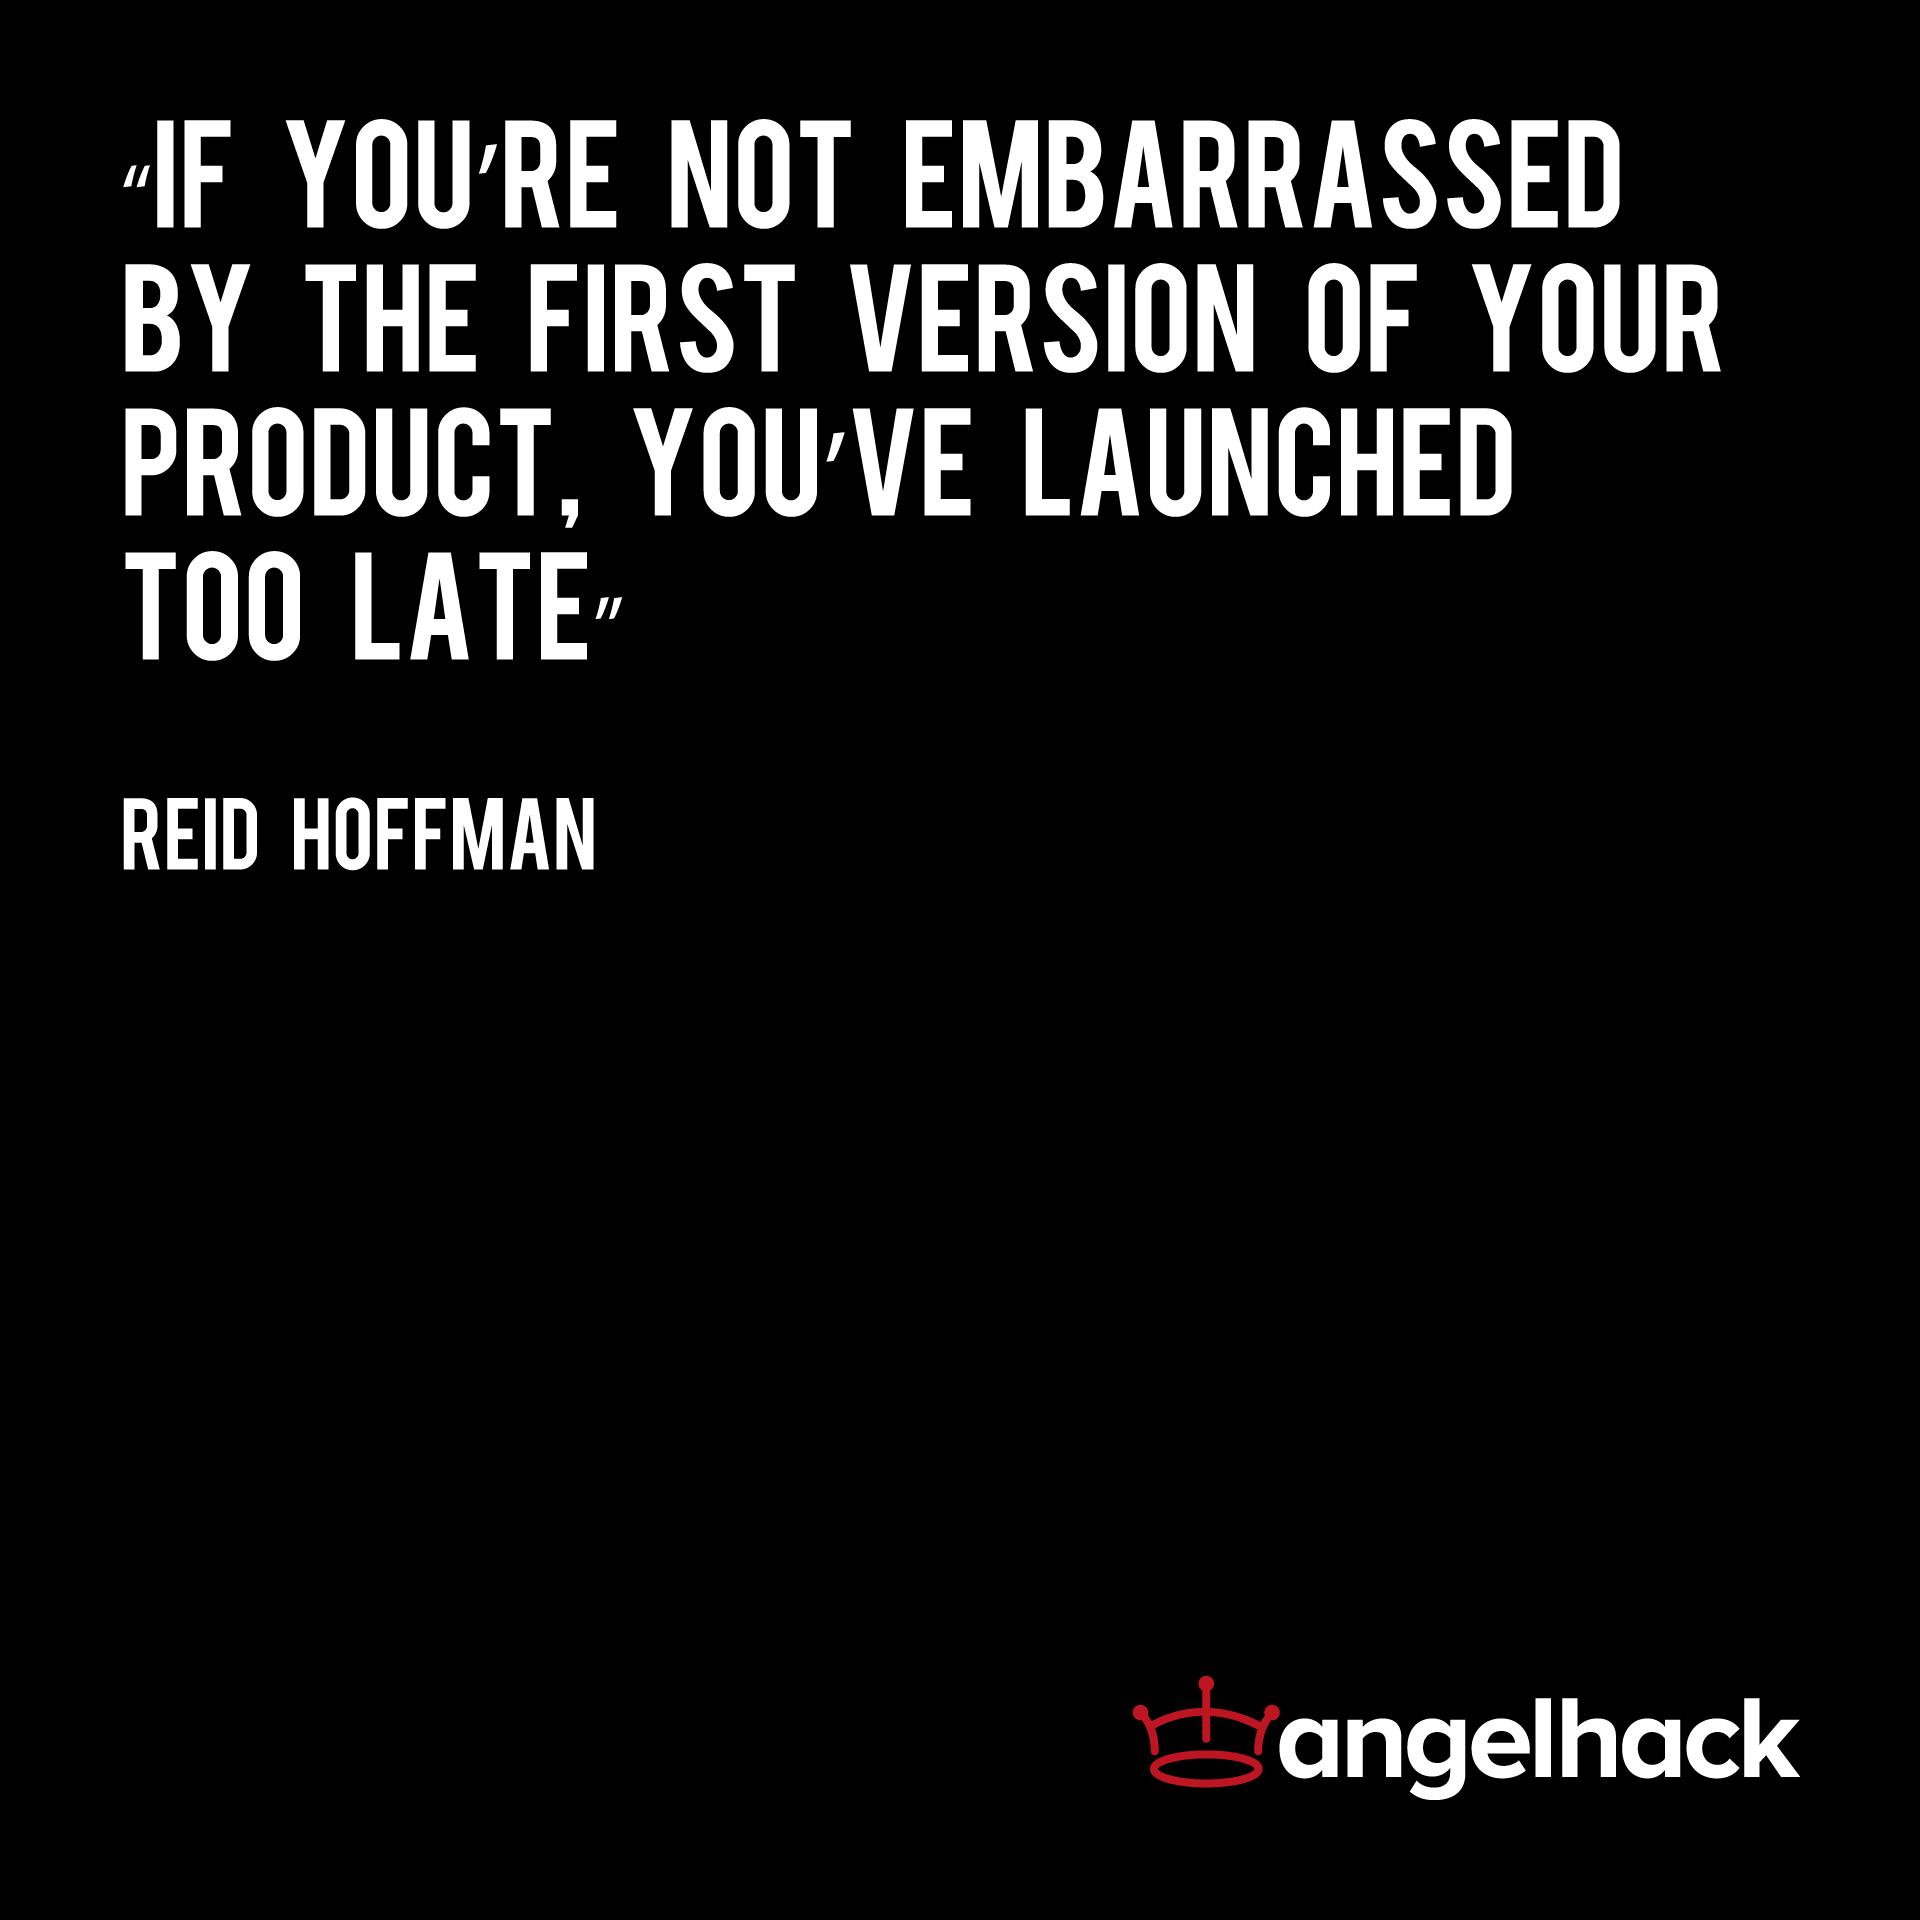 """""""Si no estás avergonzado por la primera versión de tu producto, lo lanzaste demasiado tarde"""" – Reid Hoffman, fundador de Linkedin. #emprender"""